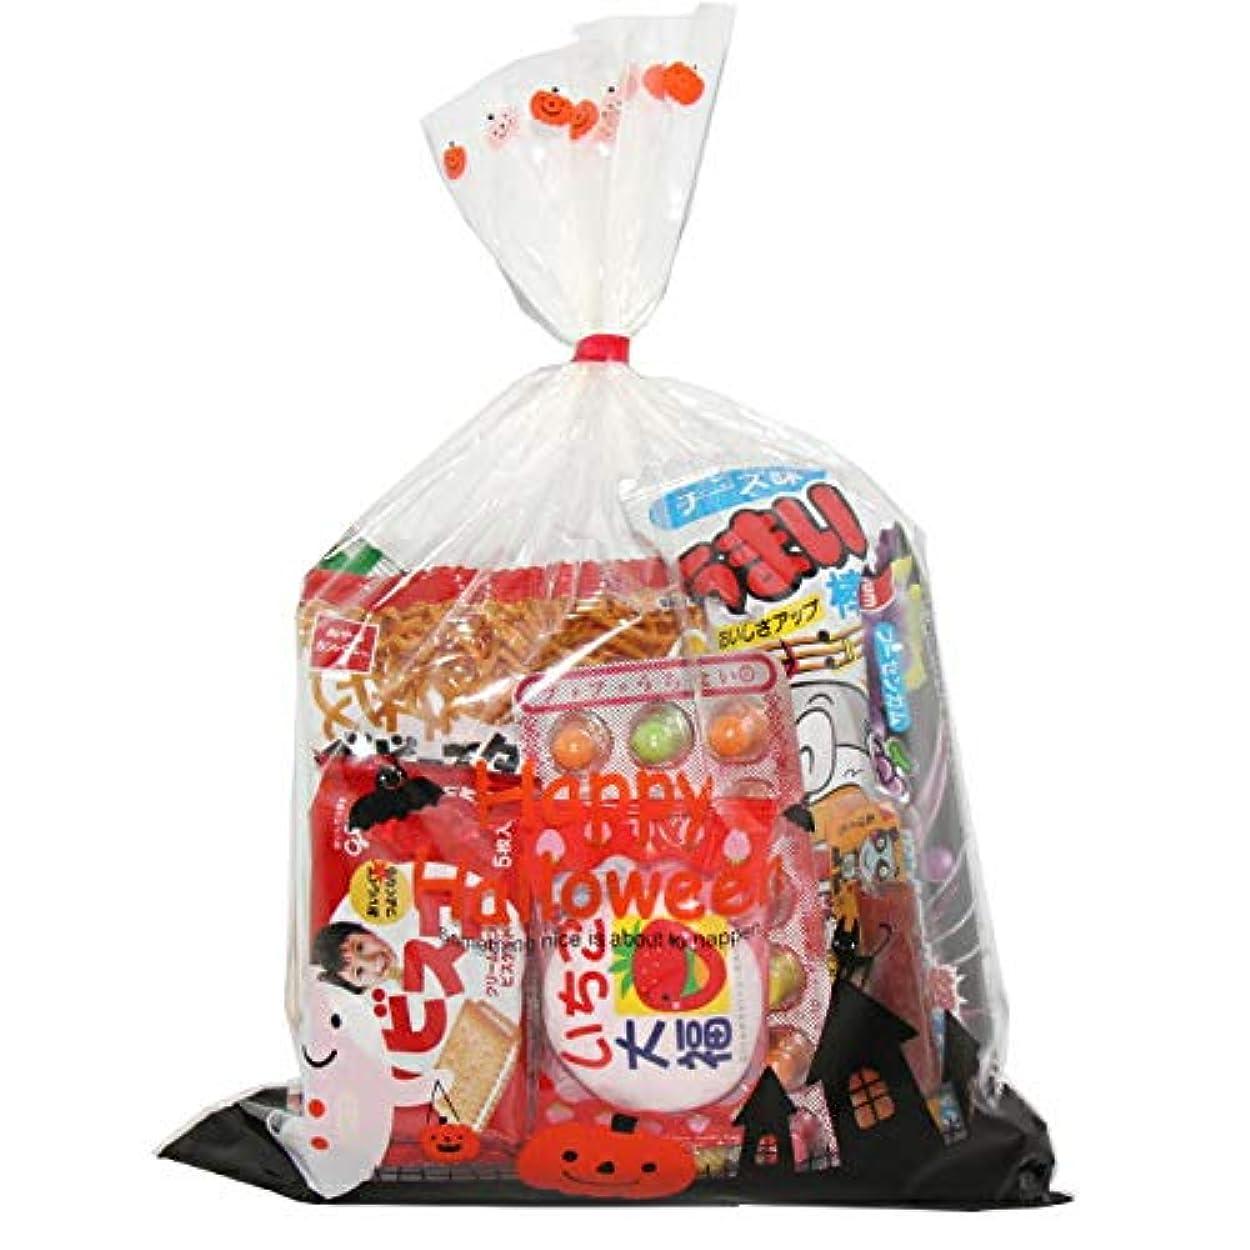 ゴネリル午後れるハロウィン袋 お菓子詰め合わせ 250円 袋詰め (Aセット)